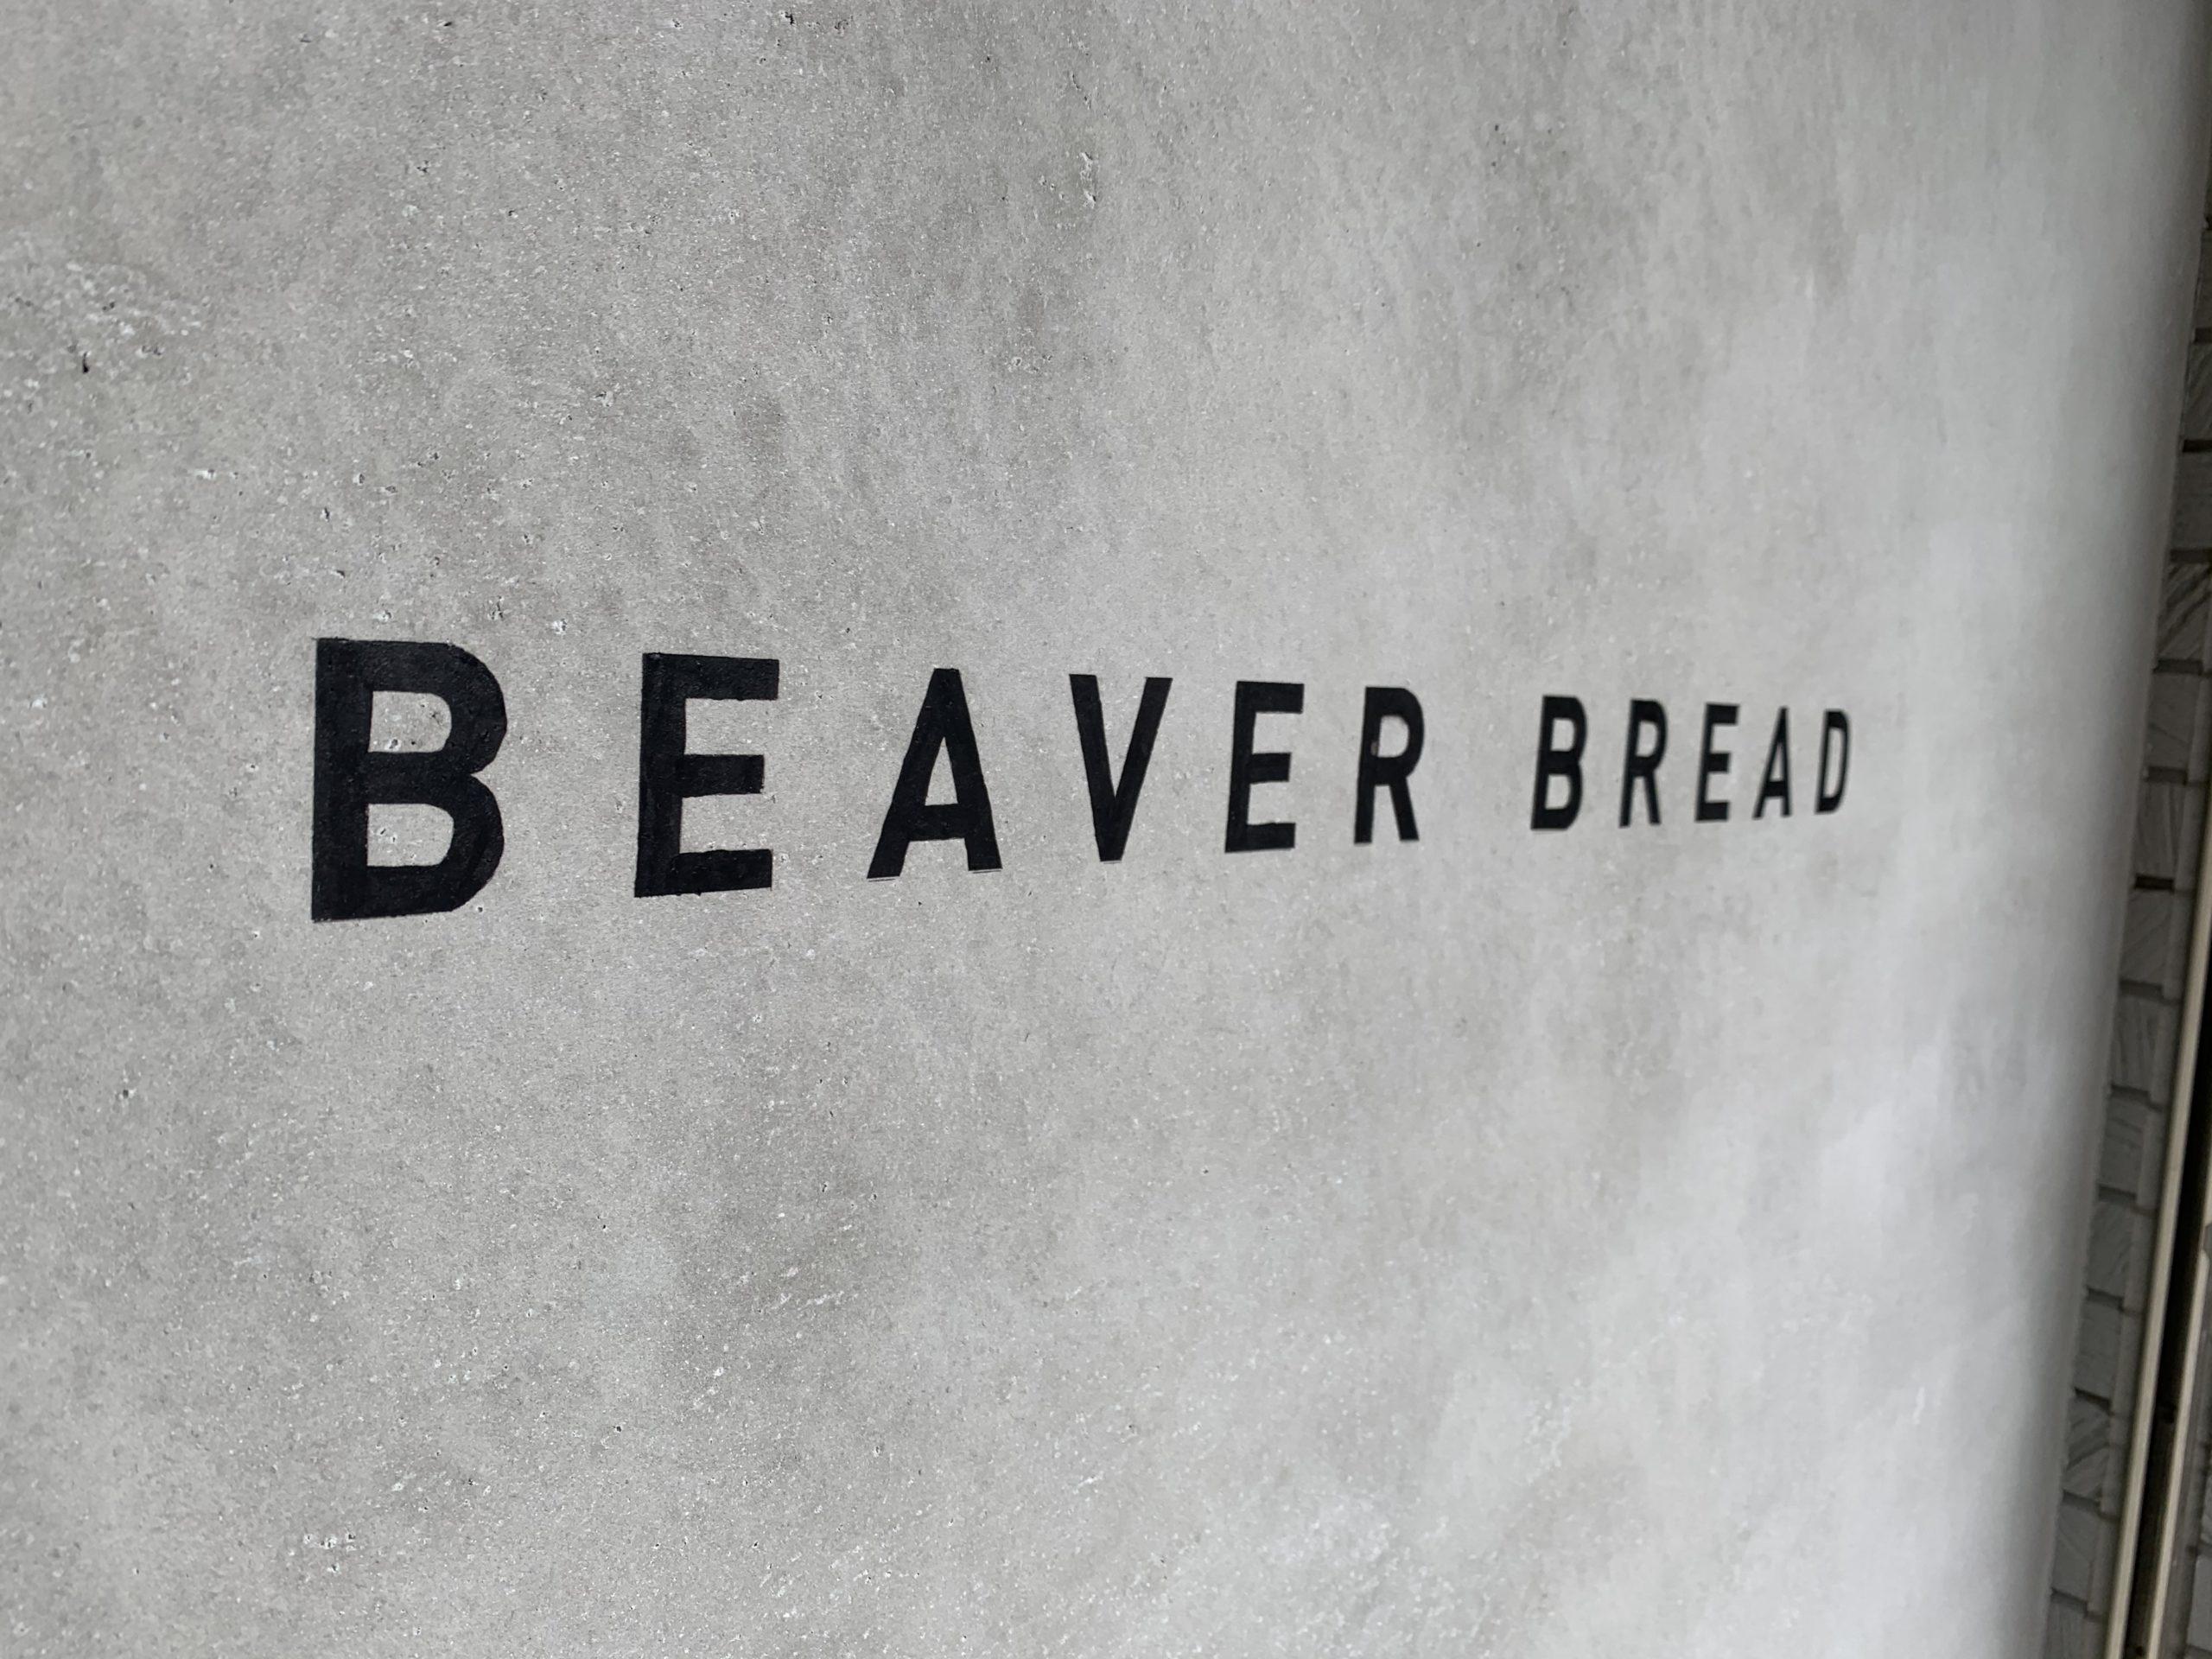 パン屋のこゝろ得 4   BEAVER BREAD  割田健一